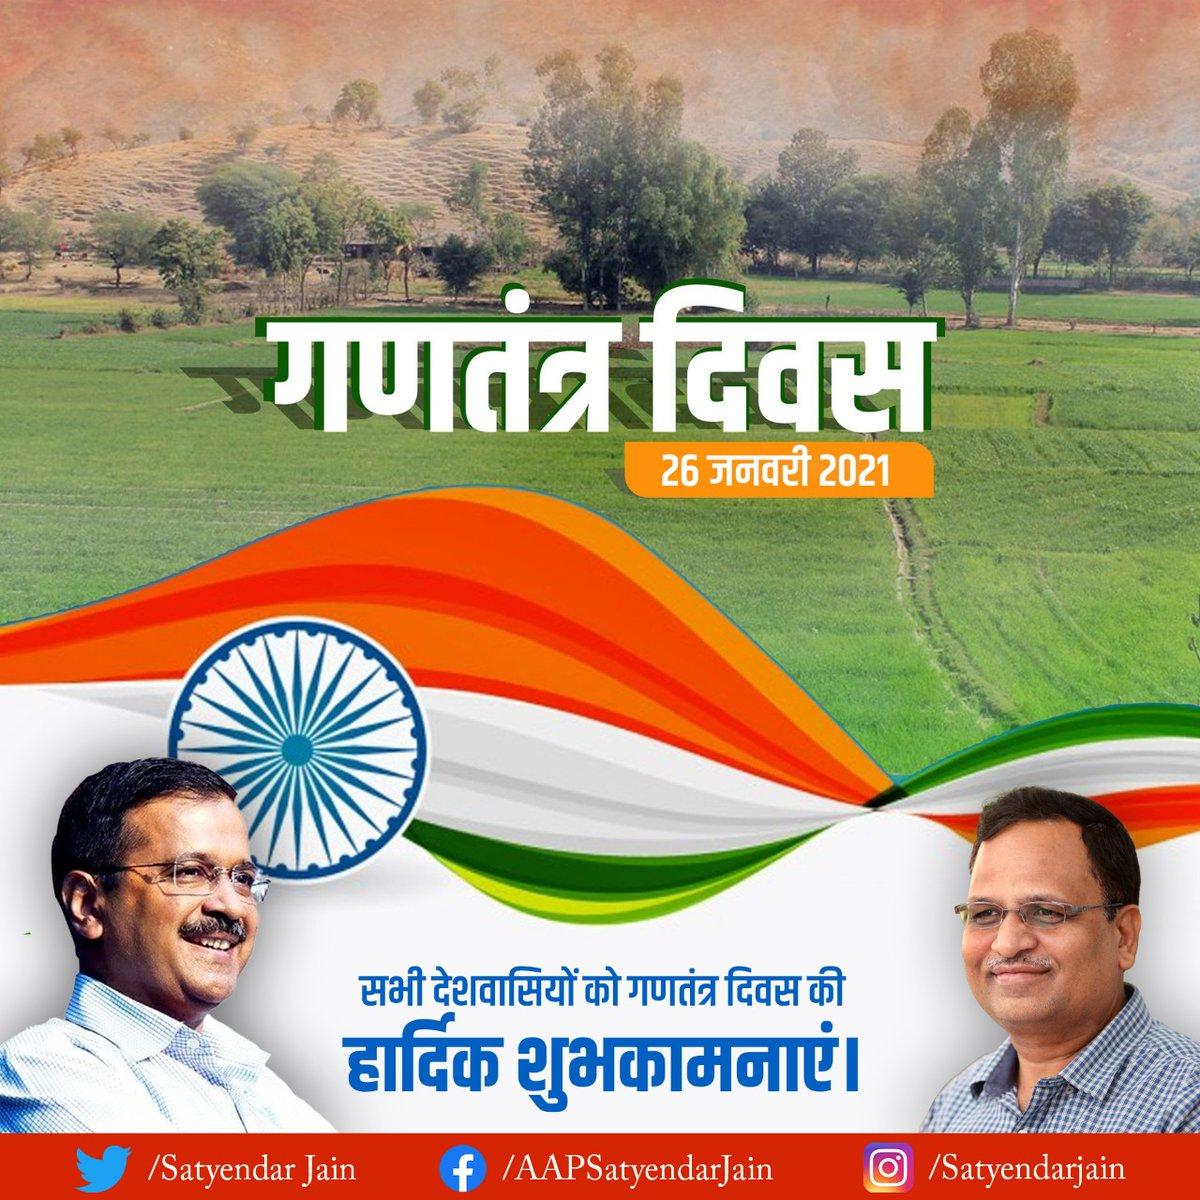 सभी दिल्लीवासियों को गणतंत्र दिवस की बहुत-बहुत शुभकामनाएं।   जय हिंद। 🇮🇳